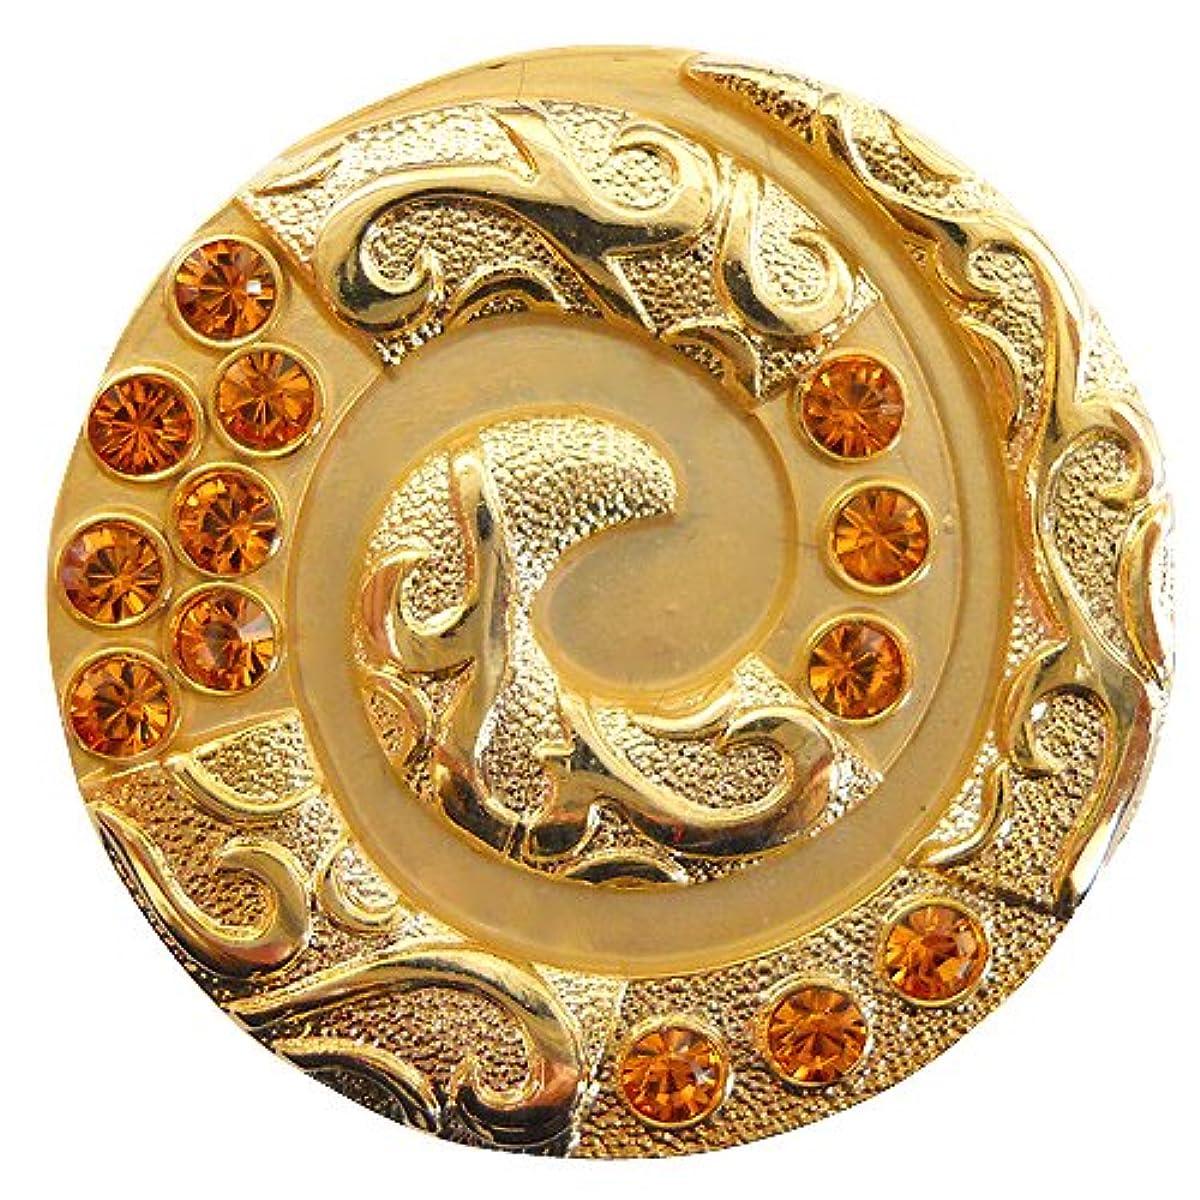 販売計画二年生近所のPIXMA GOLF USA スワロフスキー クリスタル ゴルフマーカー セット Snake Gold スネーク 【メインマーカー+磁石クリップ帽子用】